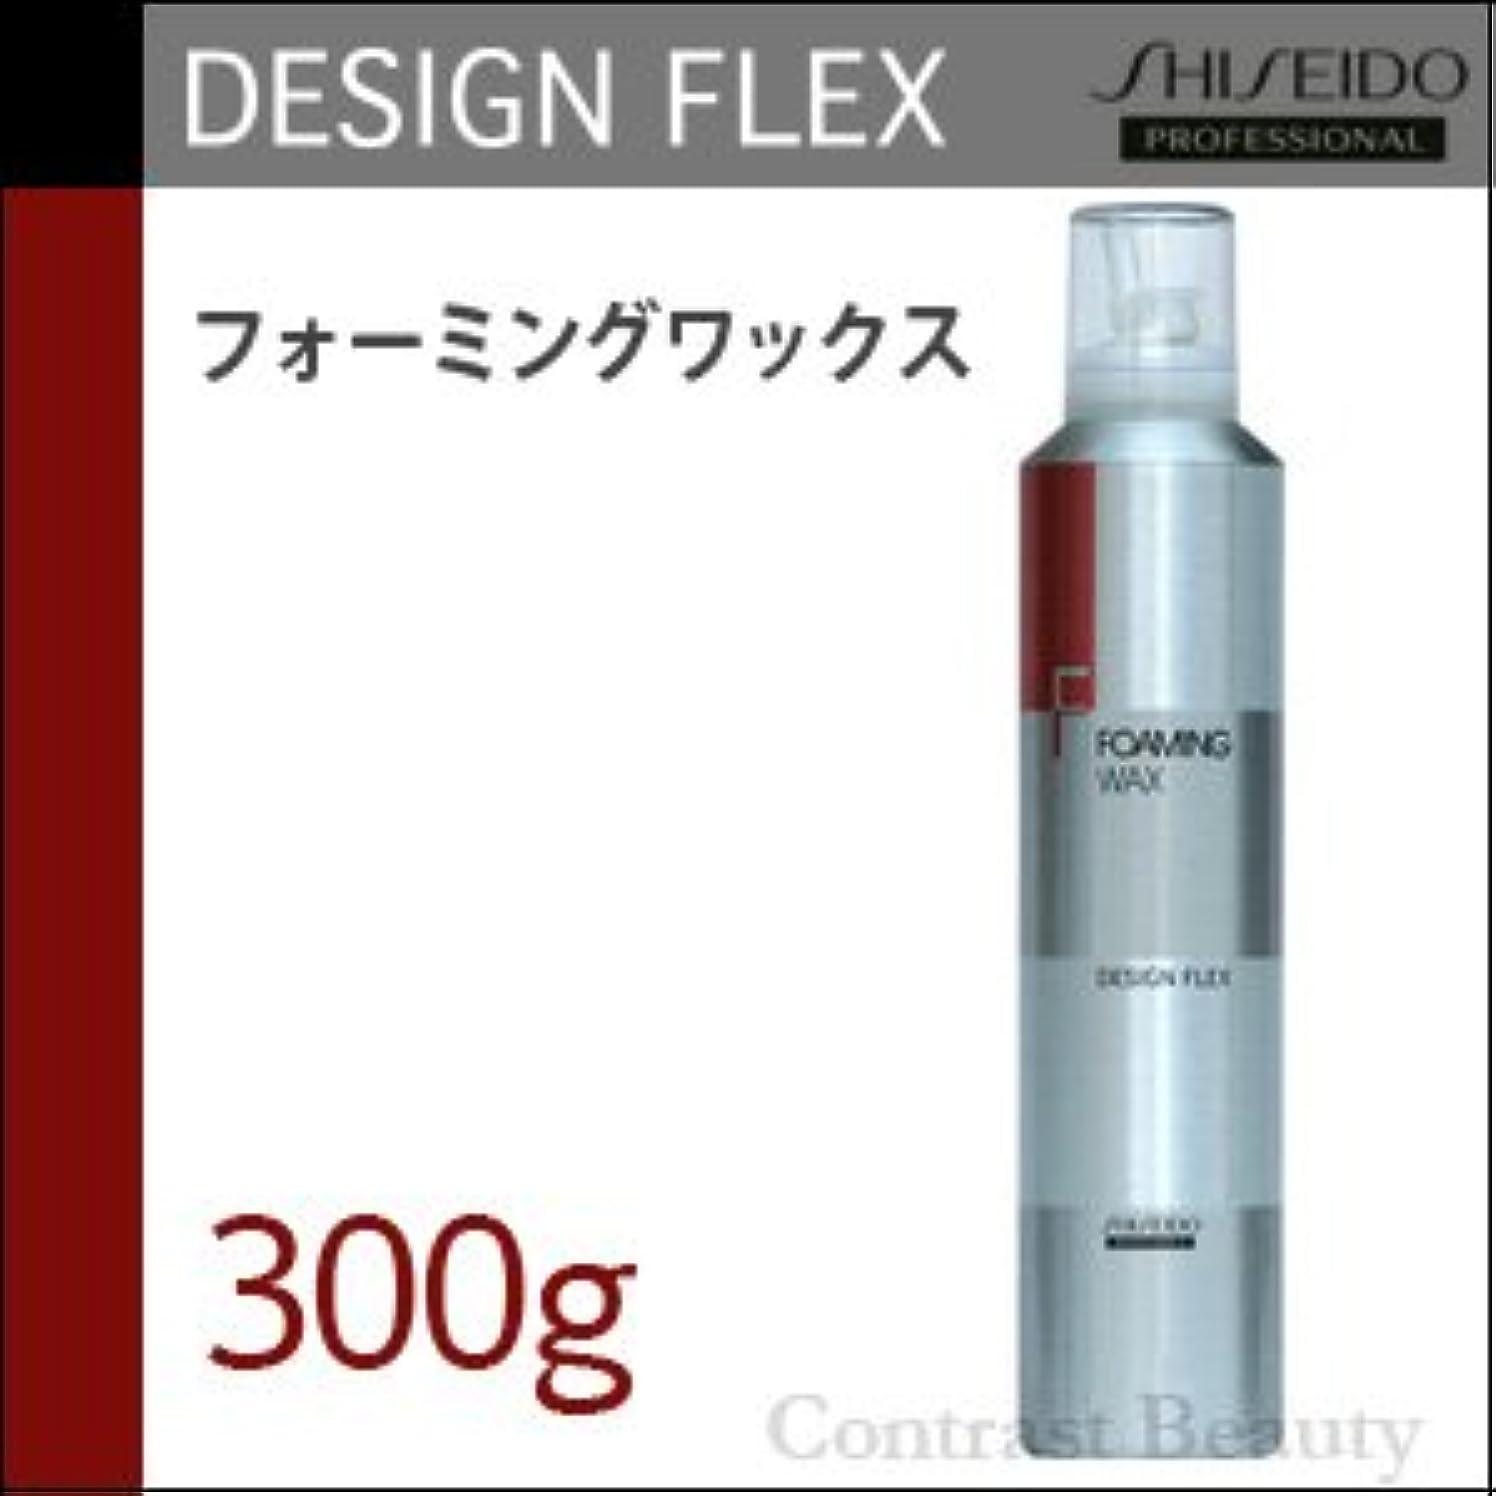 バリケード文明化口頭【x5個セット】 資生堂 デザインフレックス フォーミングワックス 300g